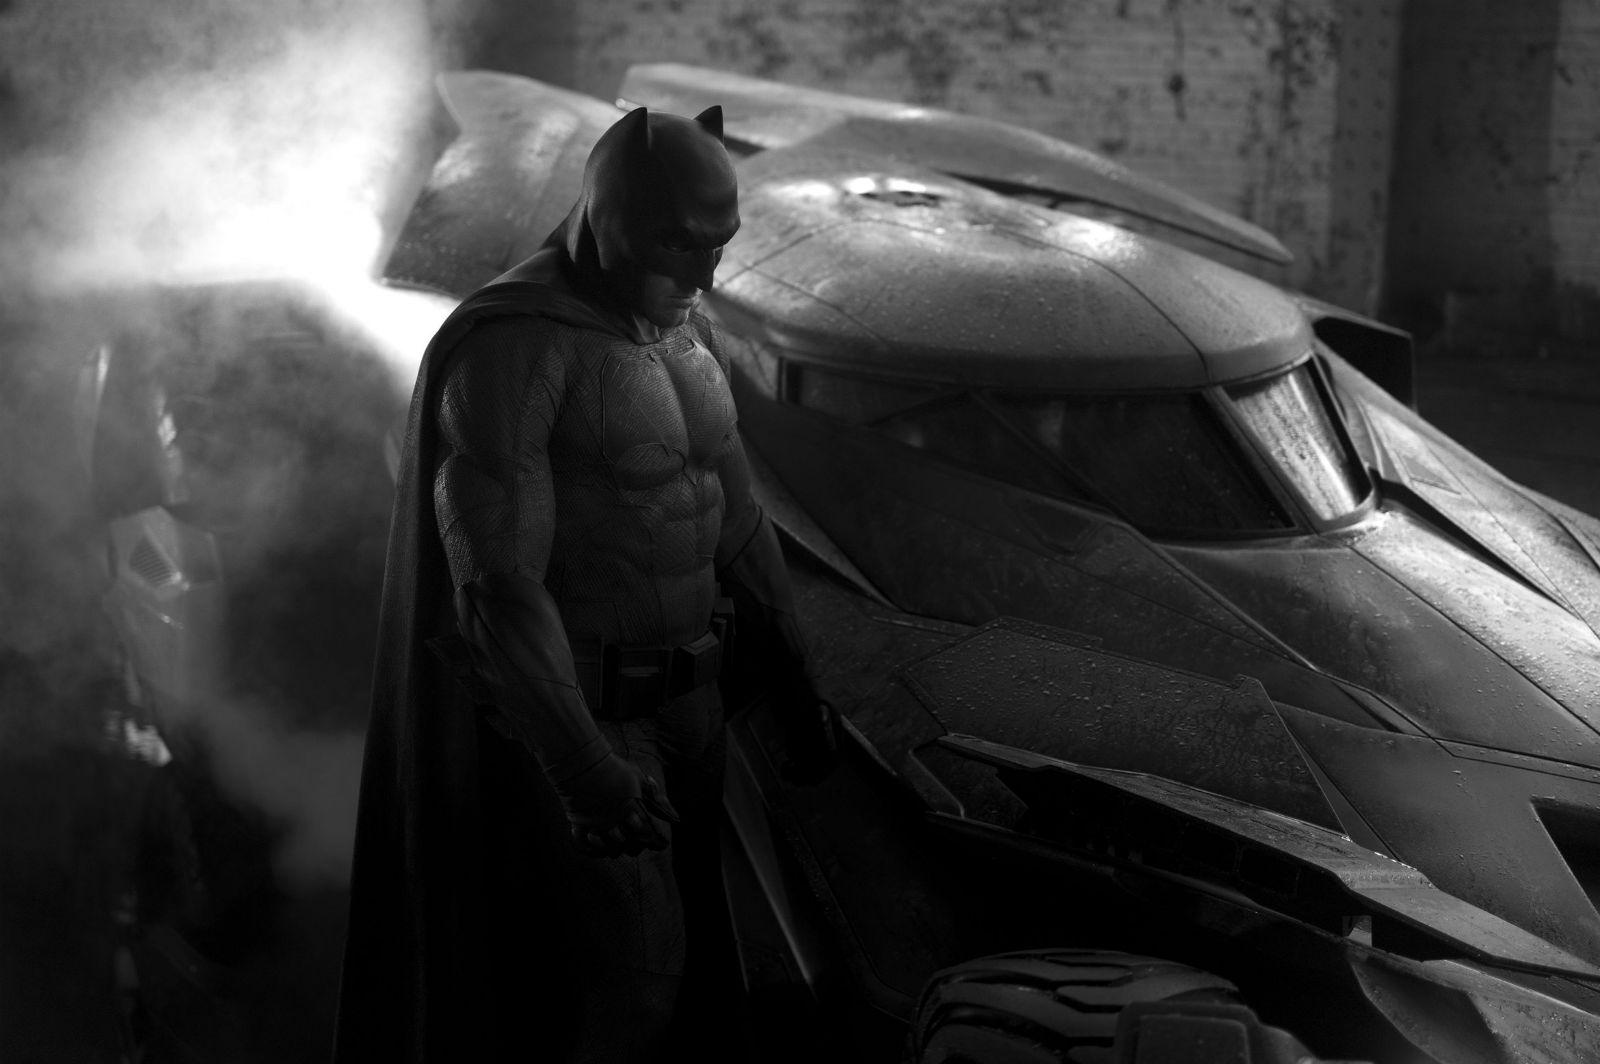 Batman-v-Superman-3d-batmobile-